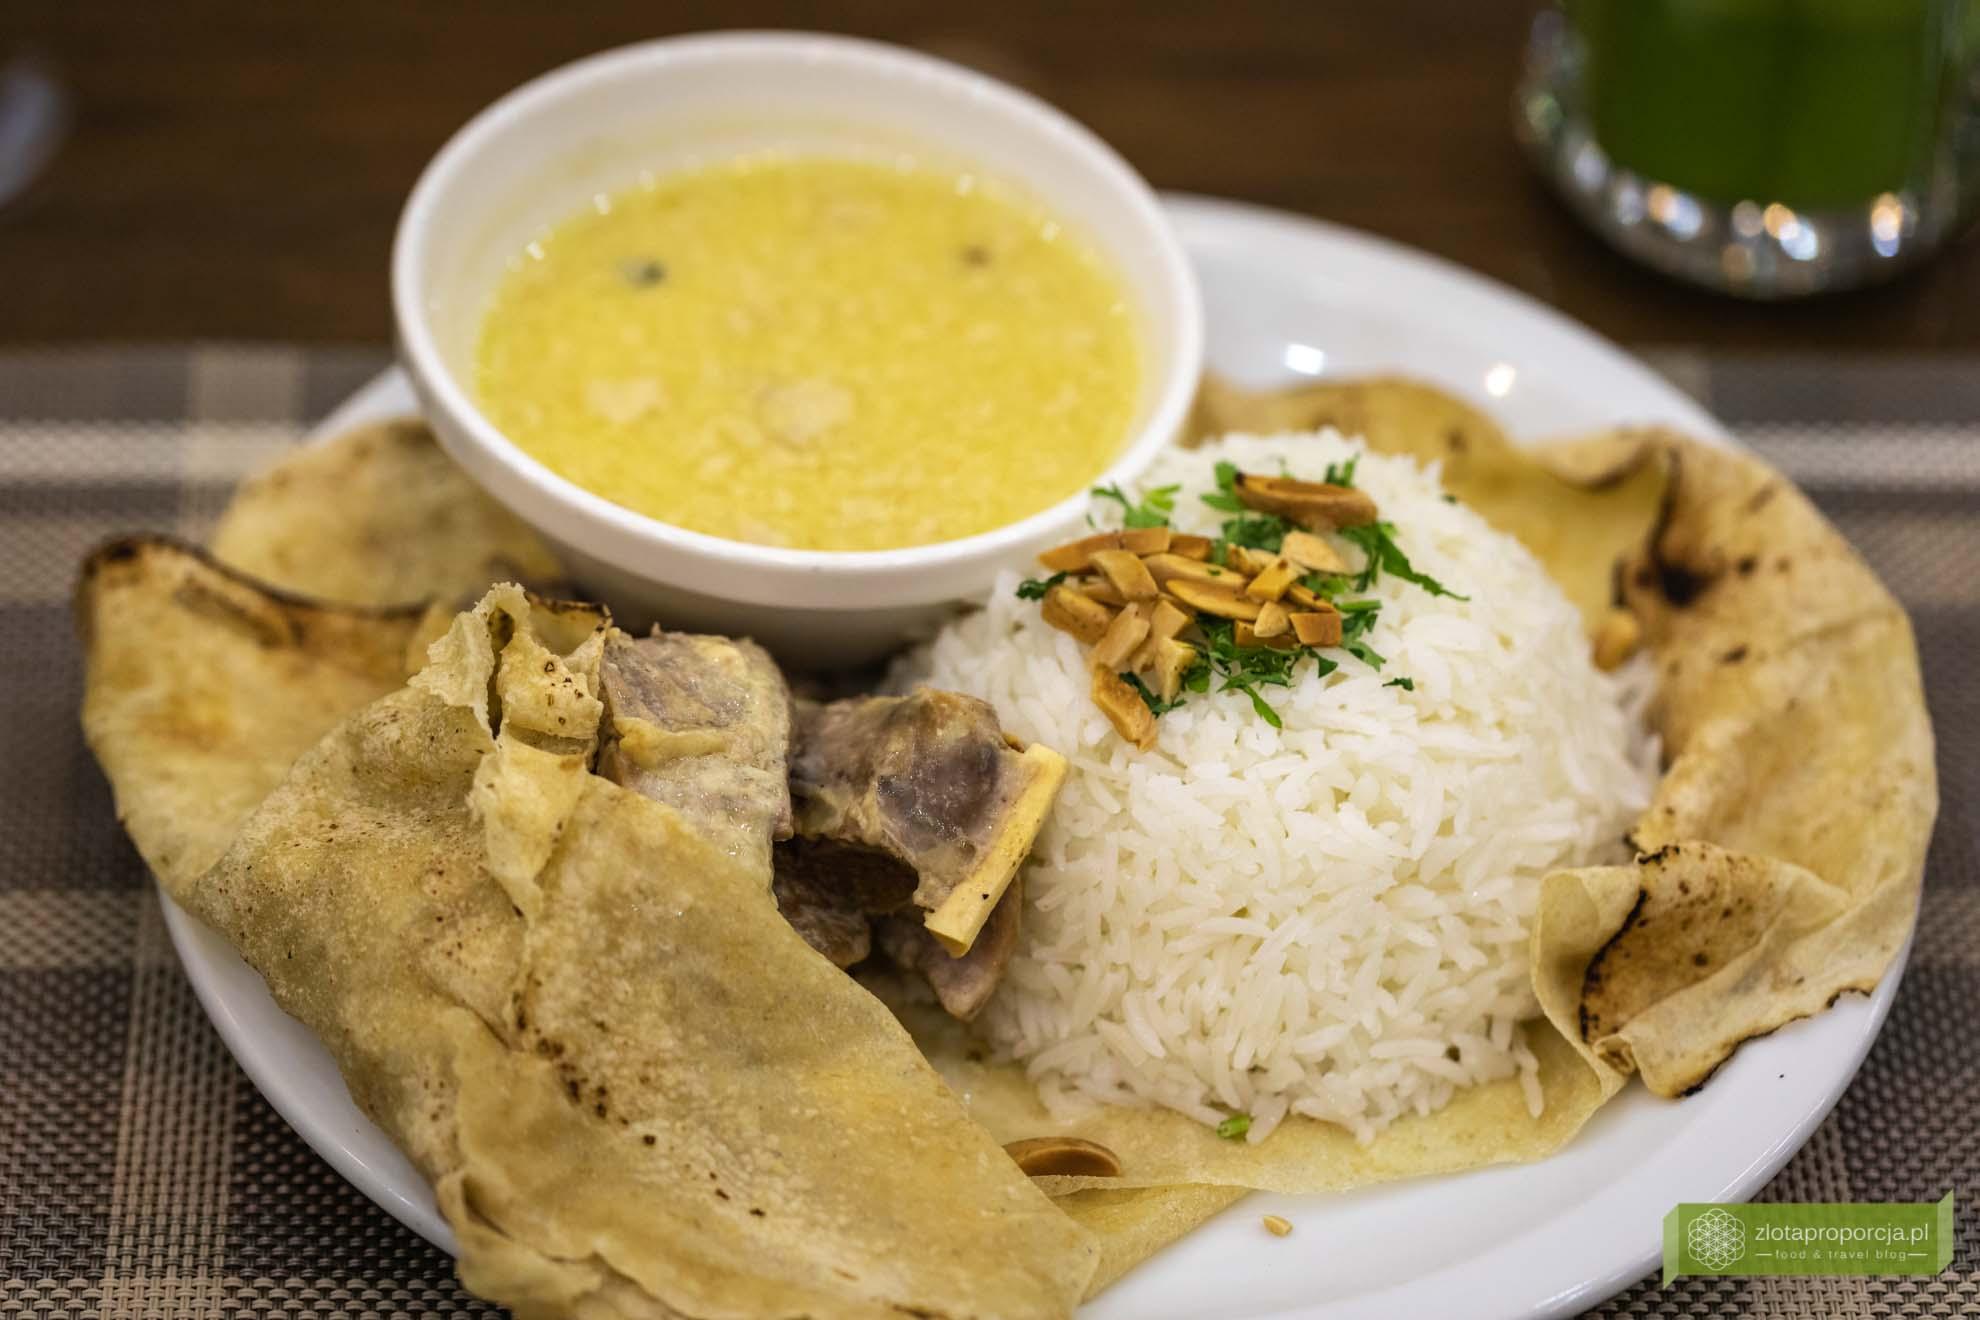 Jordania; Jordania jedzenie, Jordania kuchnia, kuchnia Jordanii; mansaf;